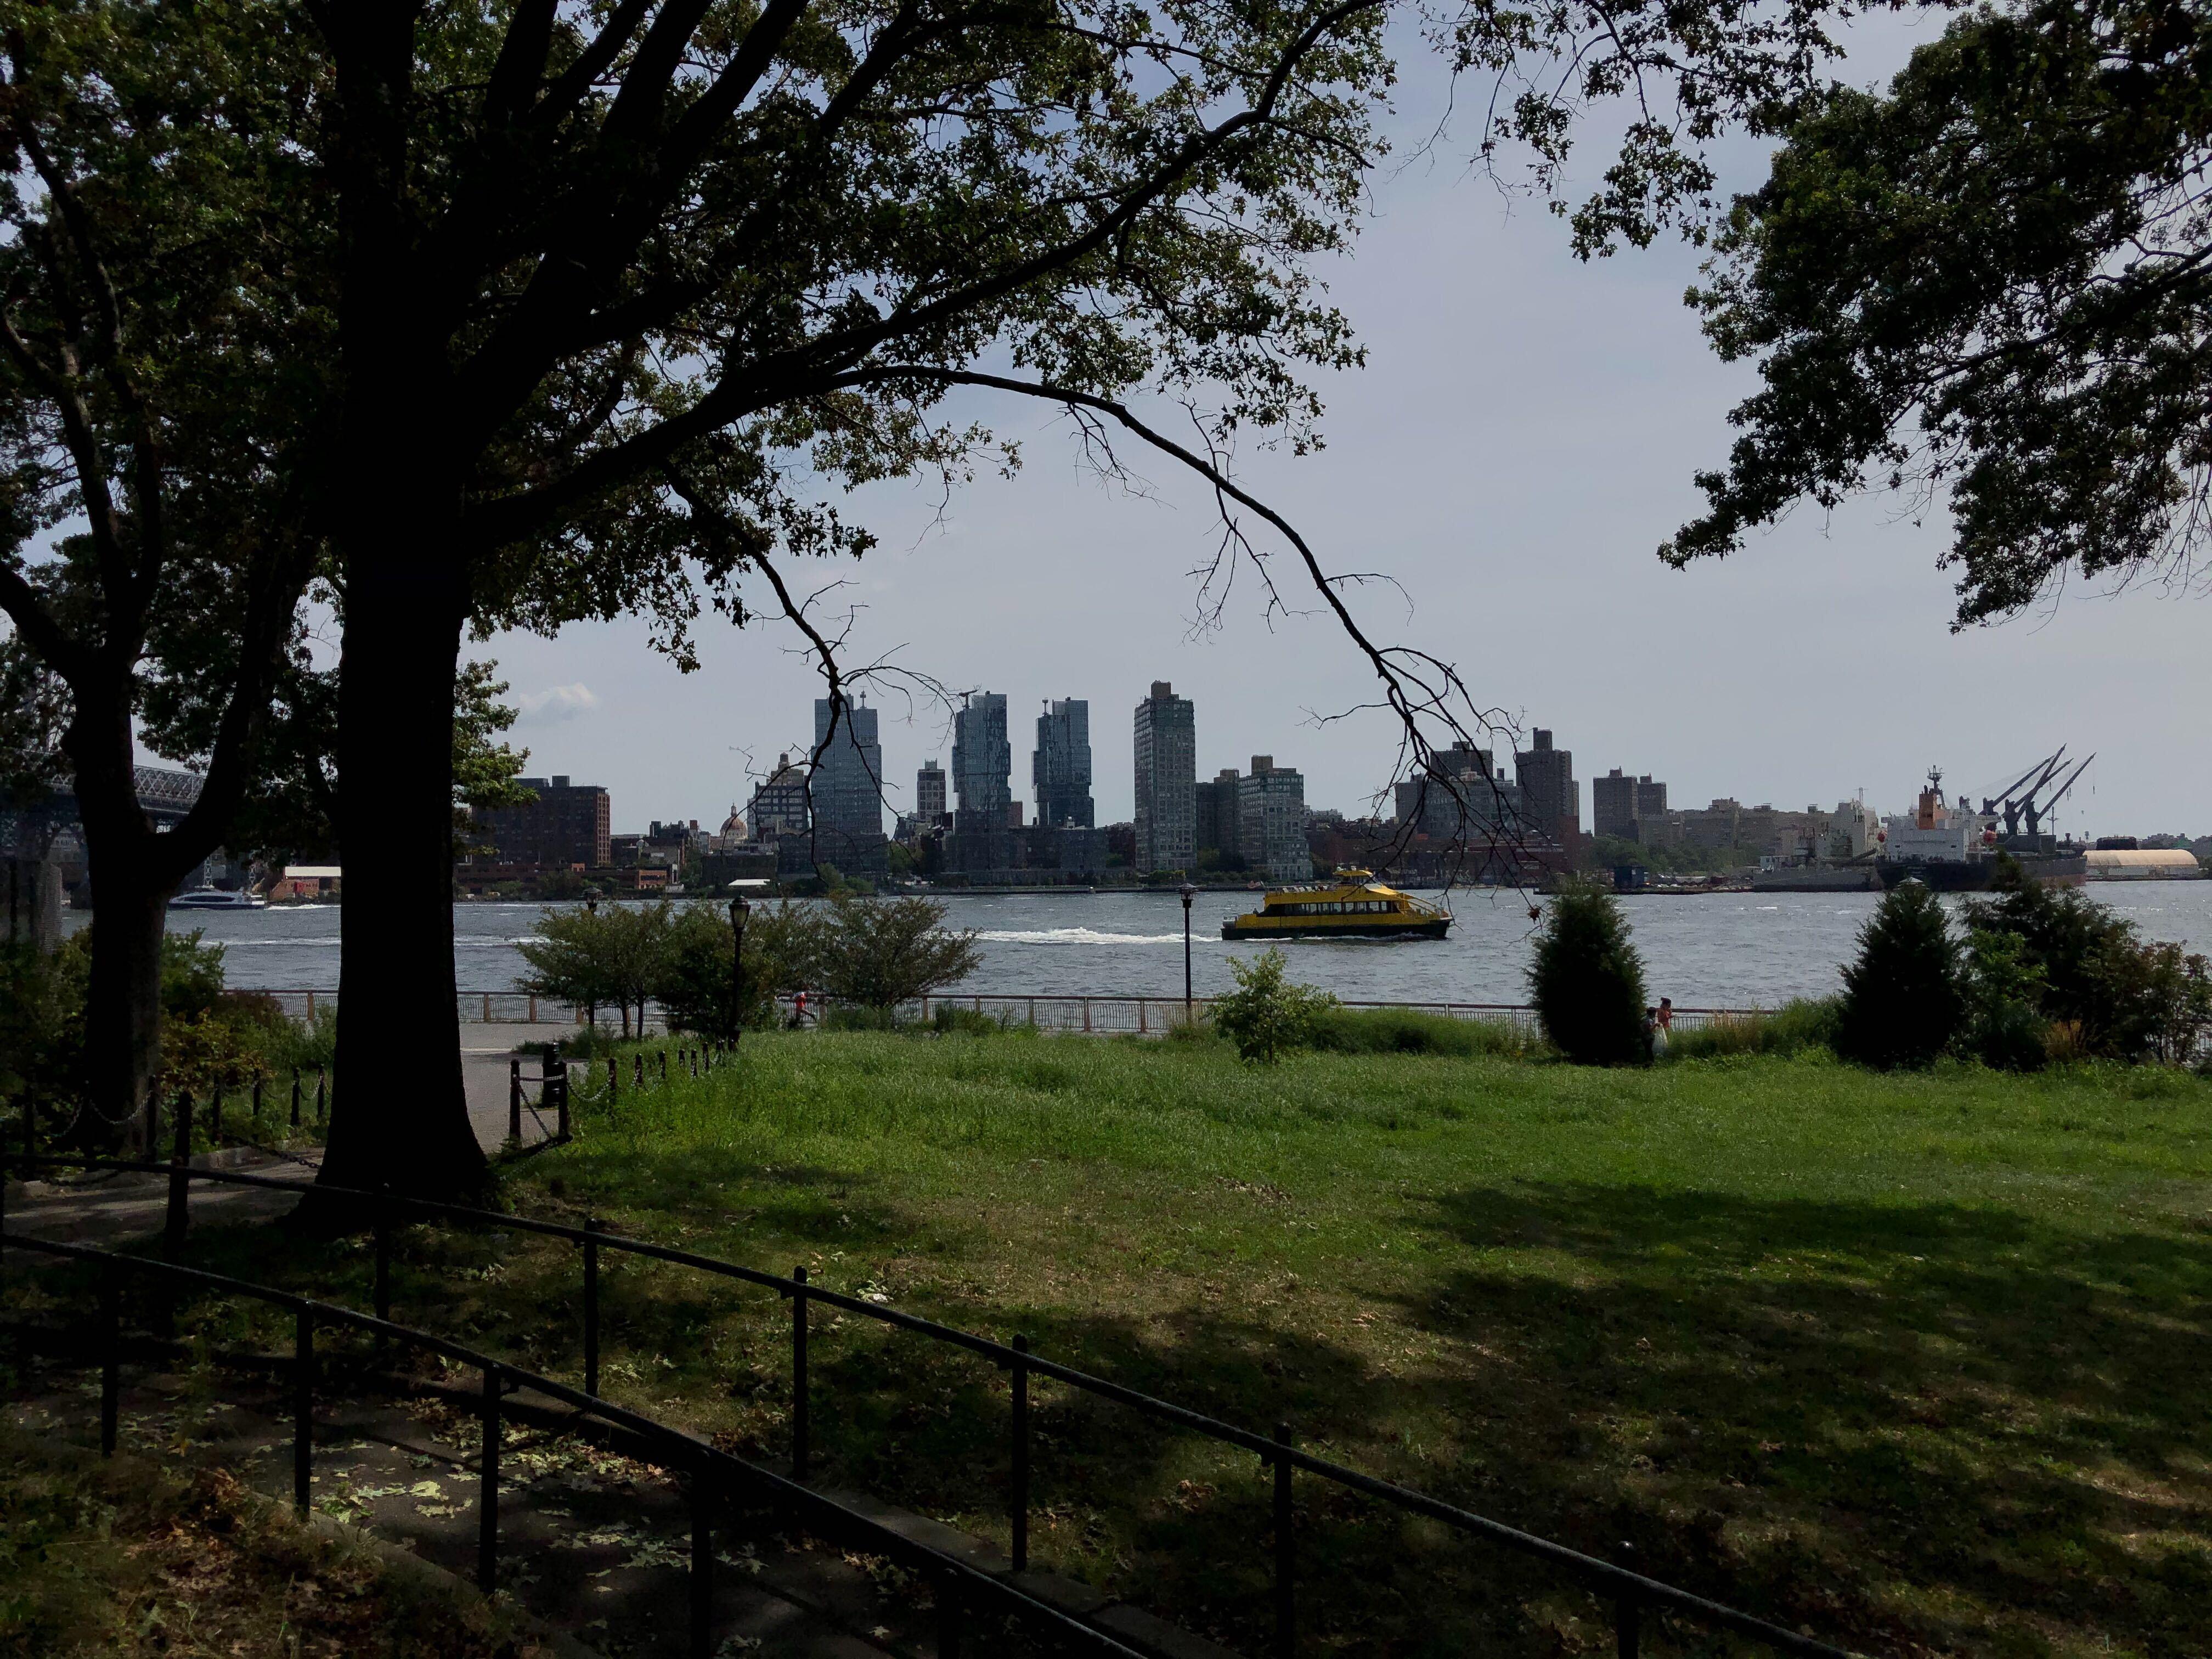 East River Park, Aug. 21, 2020.